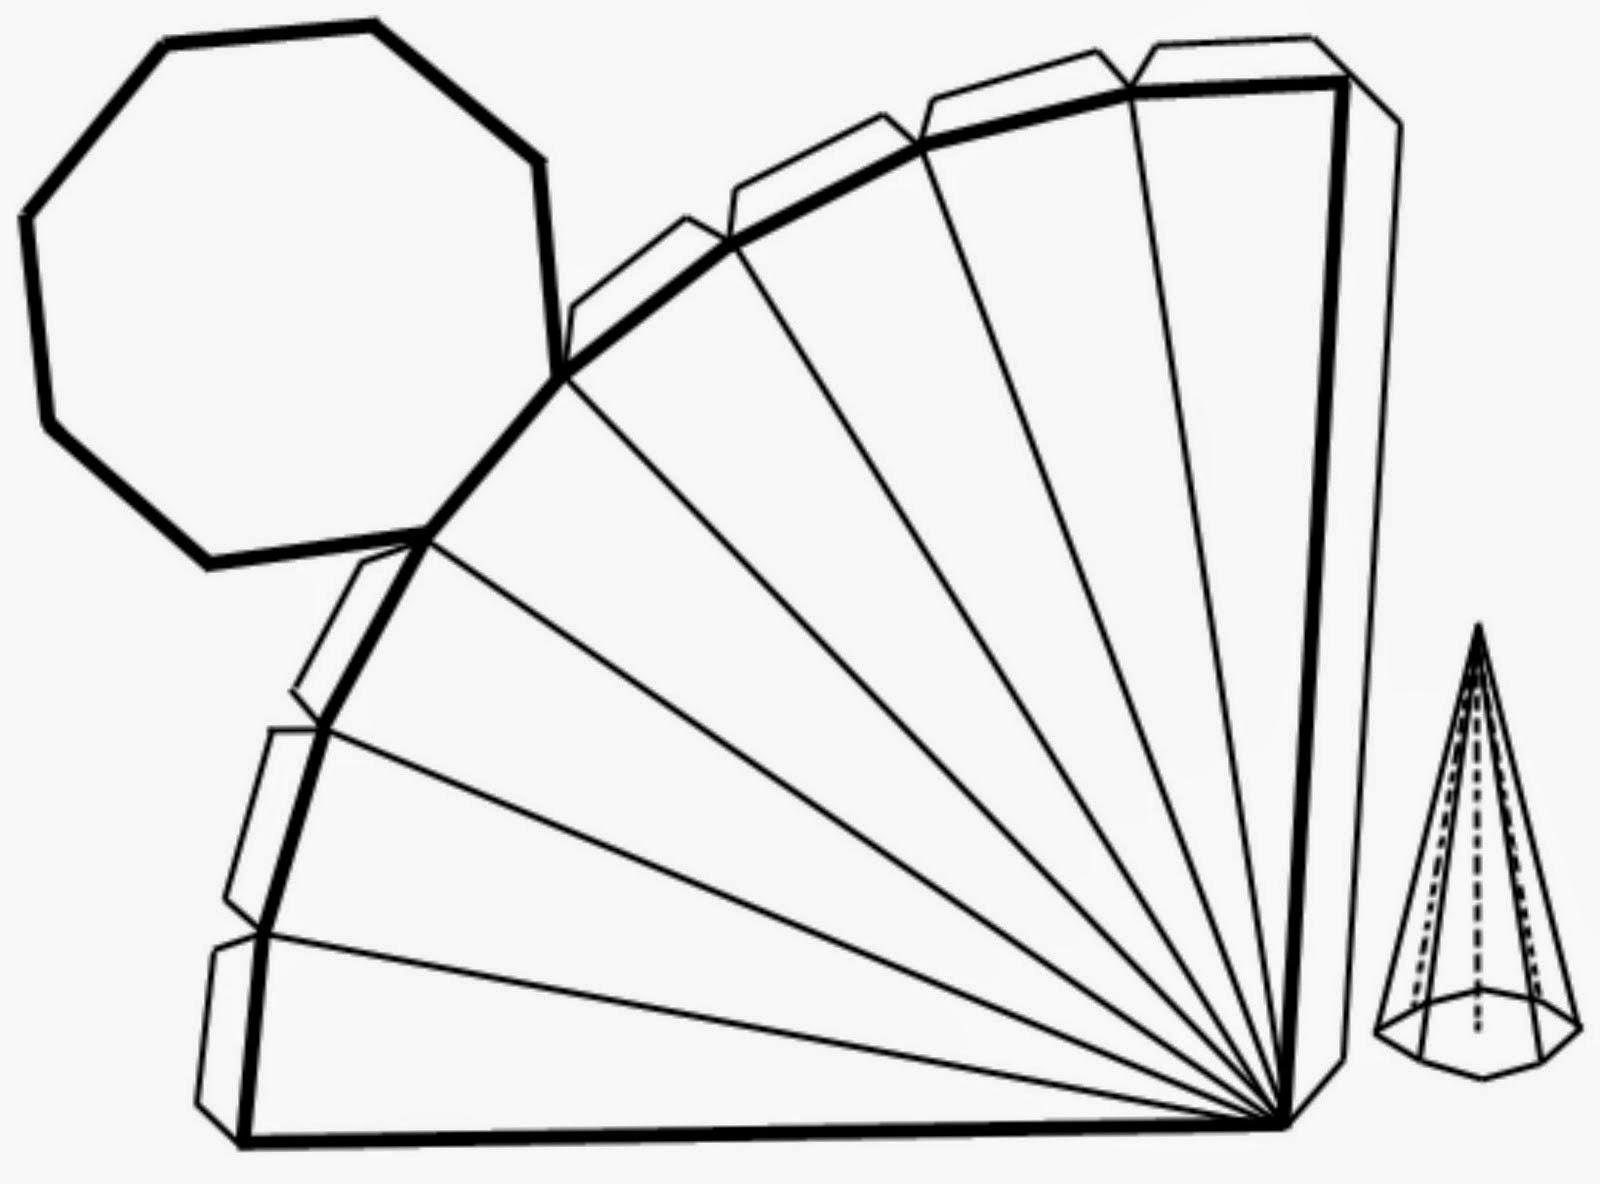 Объемные геометрические фигуры из бумаги своими руками схемы шаблоны, библейские друзьям